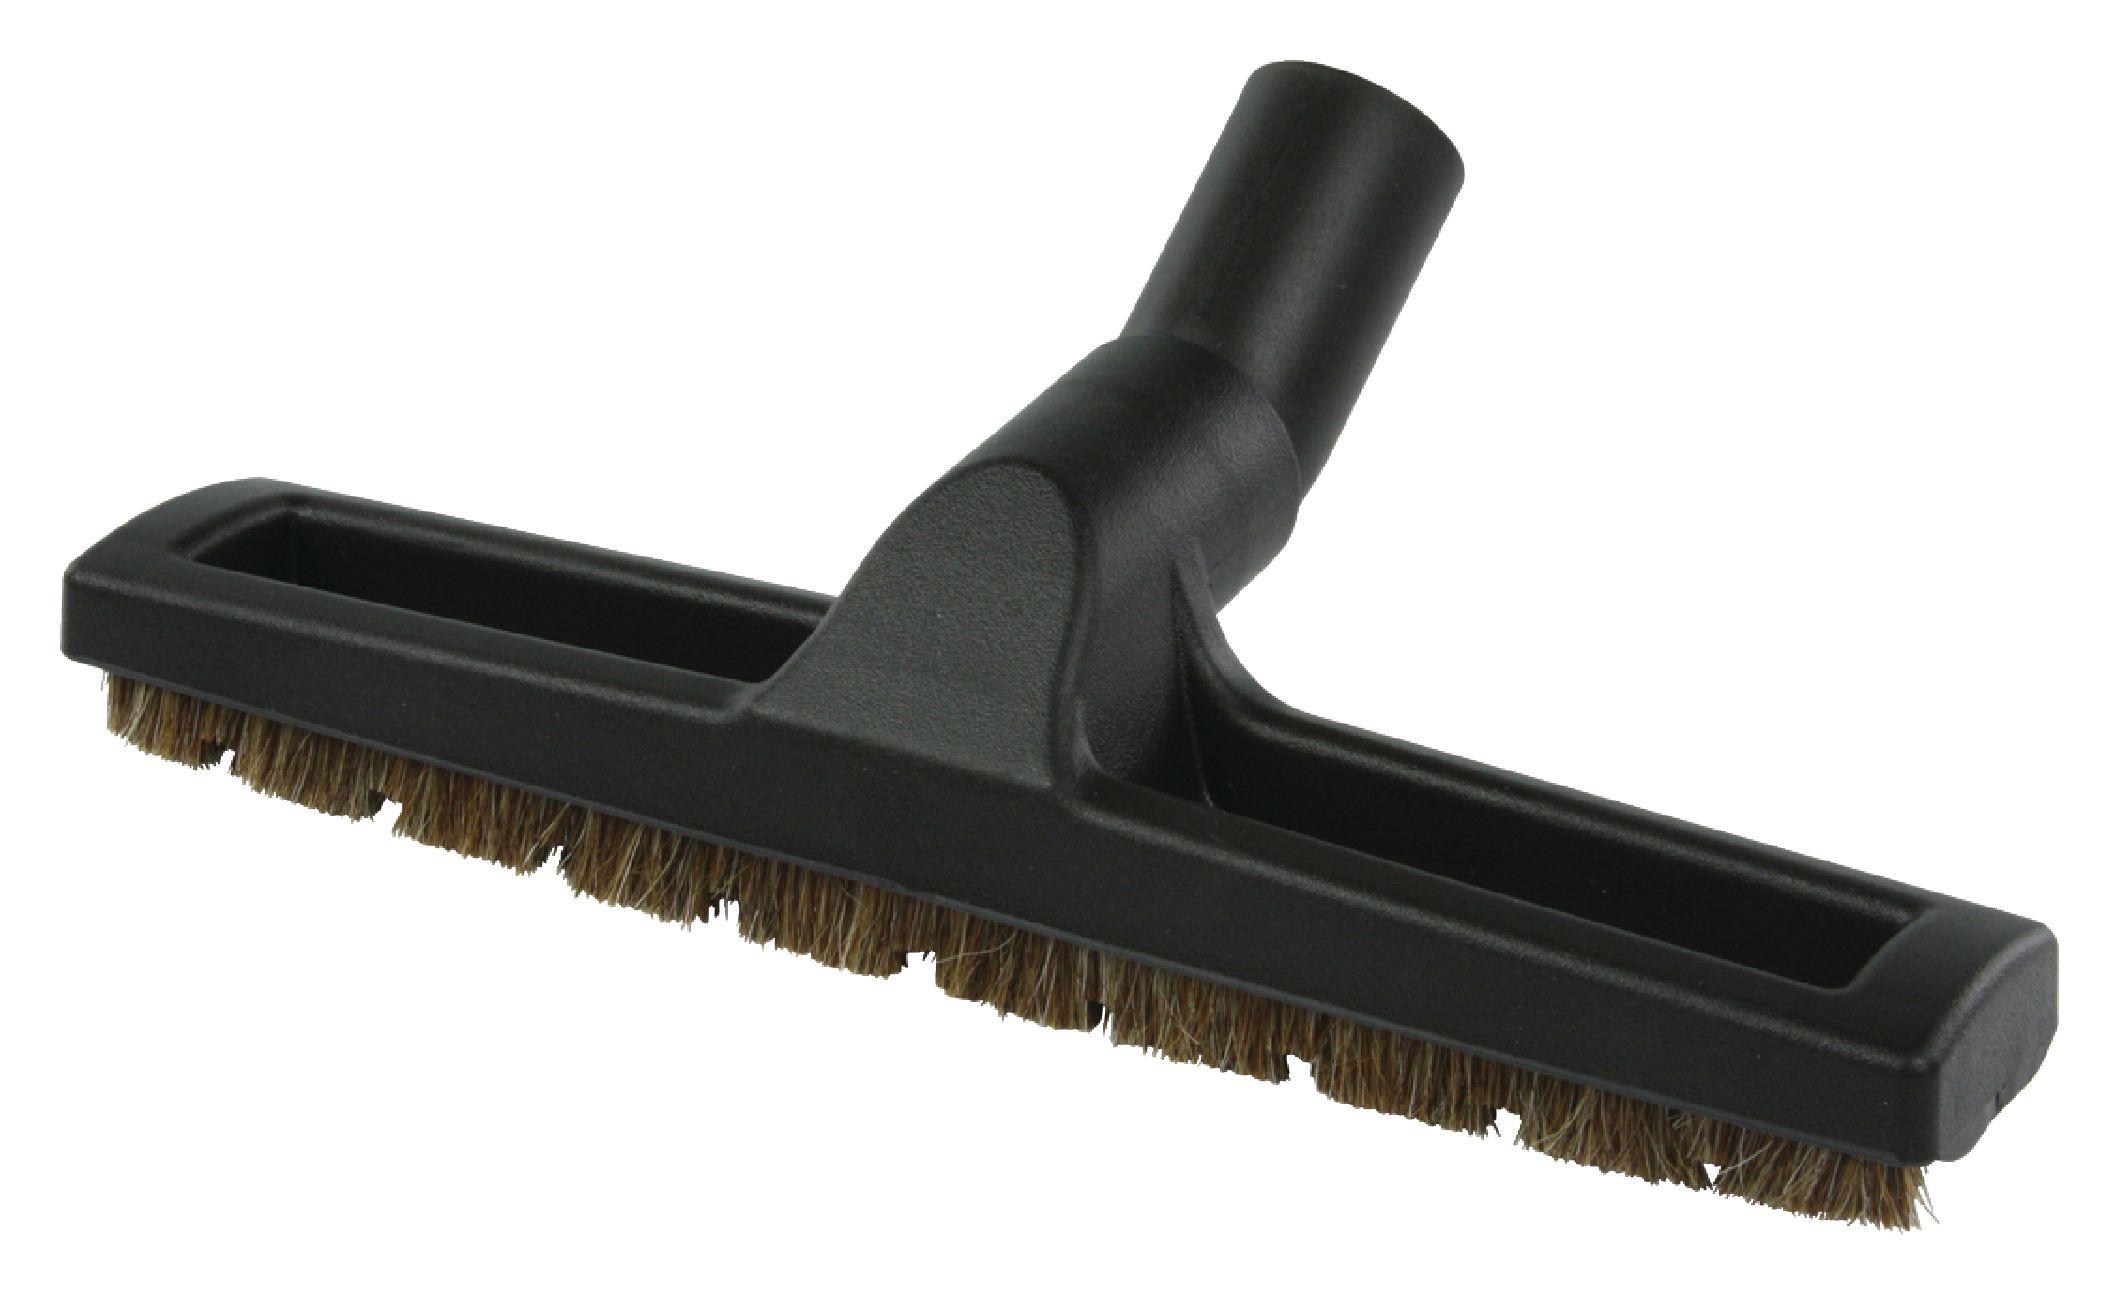 Parketová podlahová hubice s přírodními štětinami, průměr 32 mm HQ W7-60355N